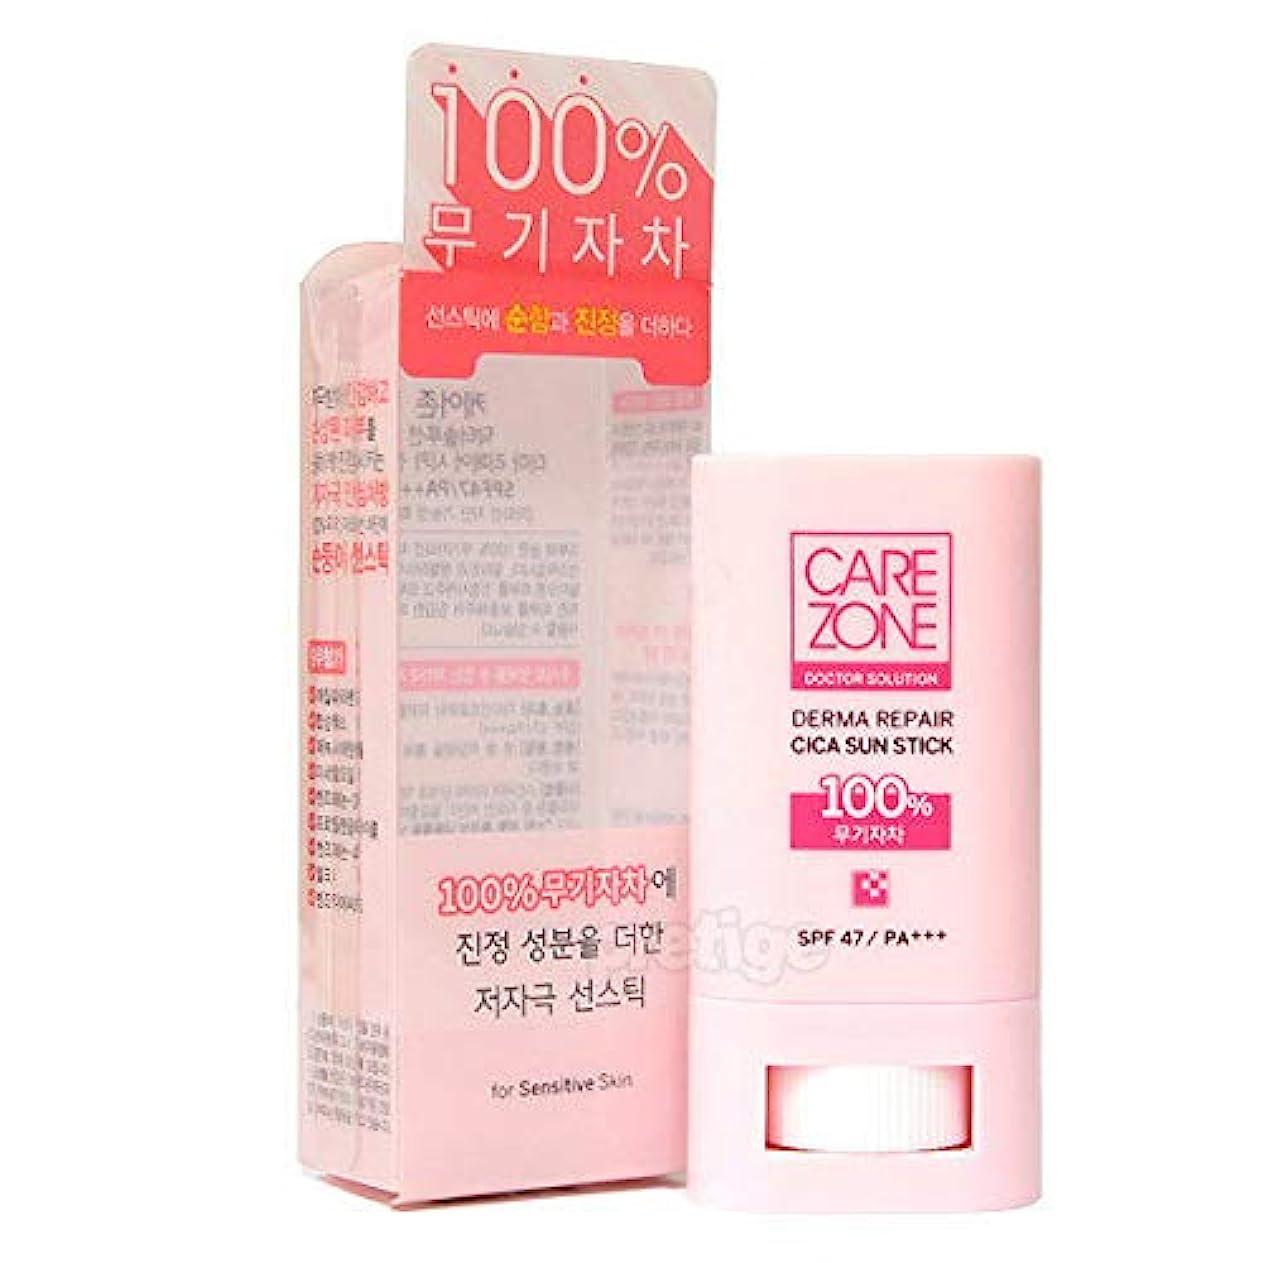 つまずくウィザード定常CAREZONE ケアゾーン Doctor Solution Derma Repair Cica Sun Stick サンスティック (20g) SPF47/PA+++ CARE ZONE